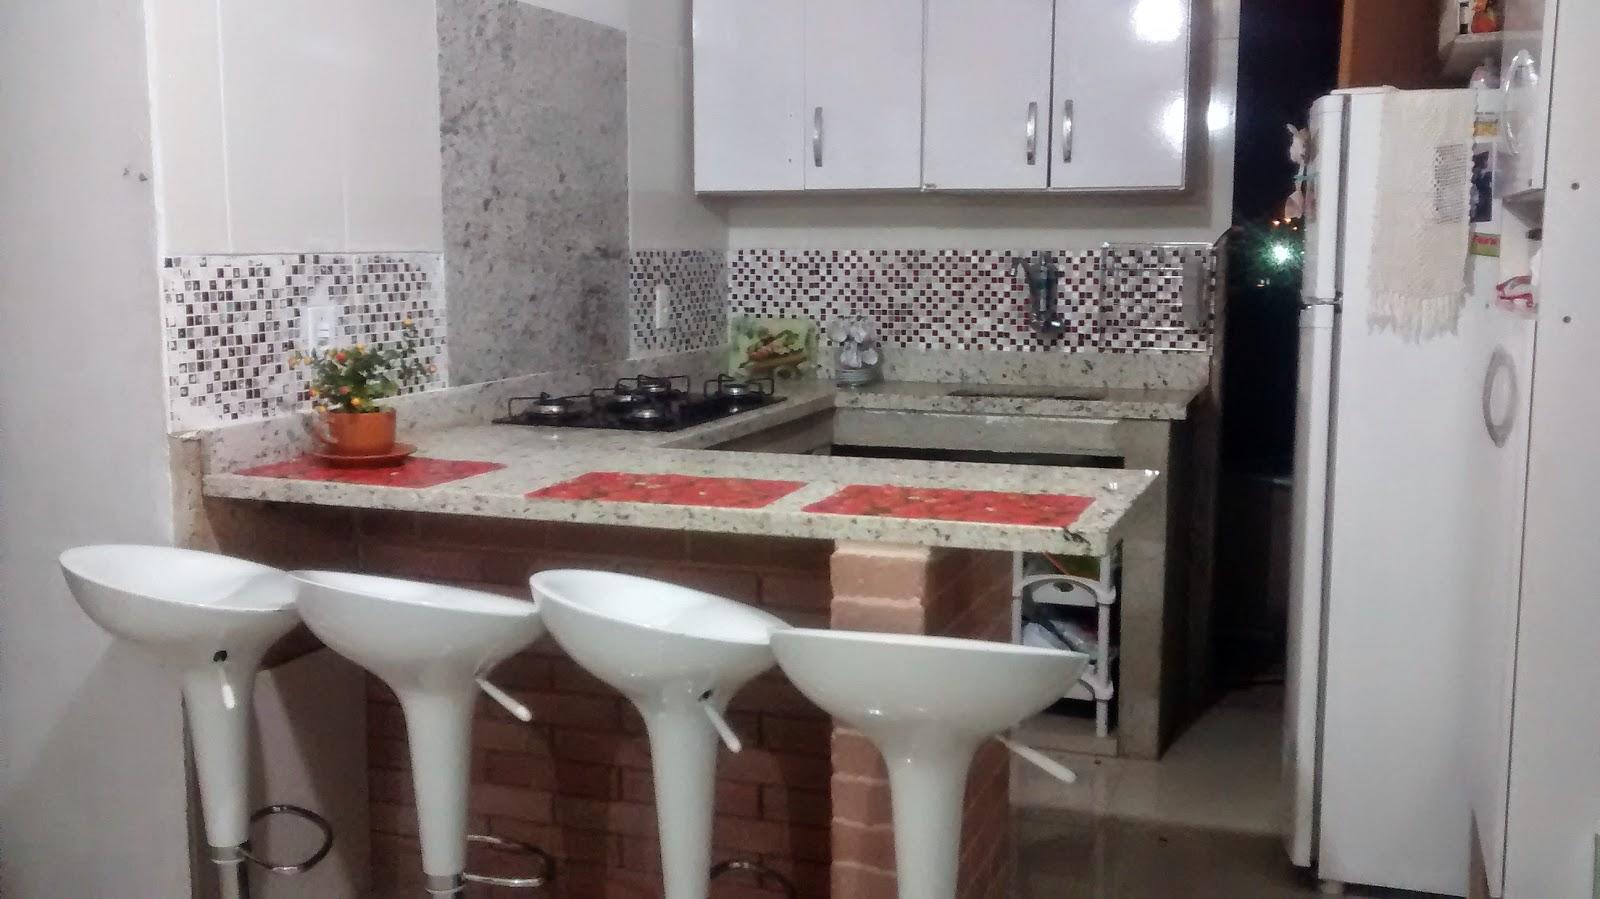 Tijolo Ecológico e o meu sonho !: Minha cozinha americana! #903F3C 1600 899